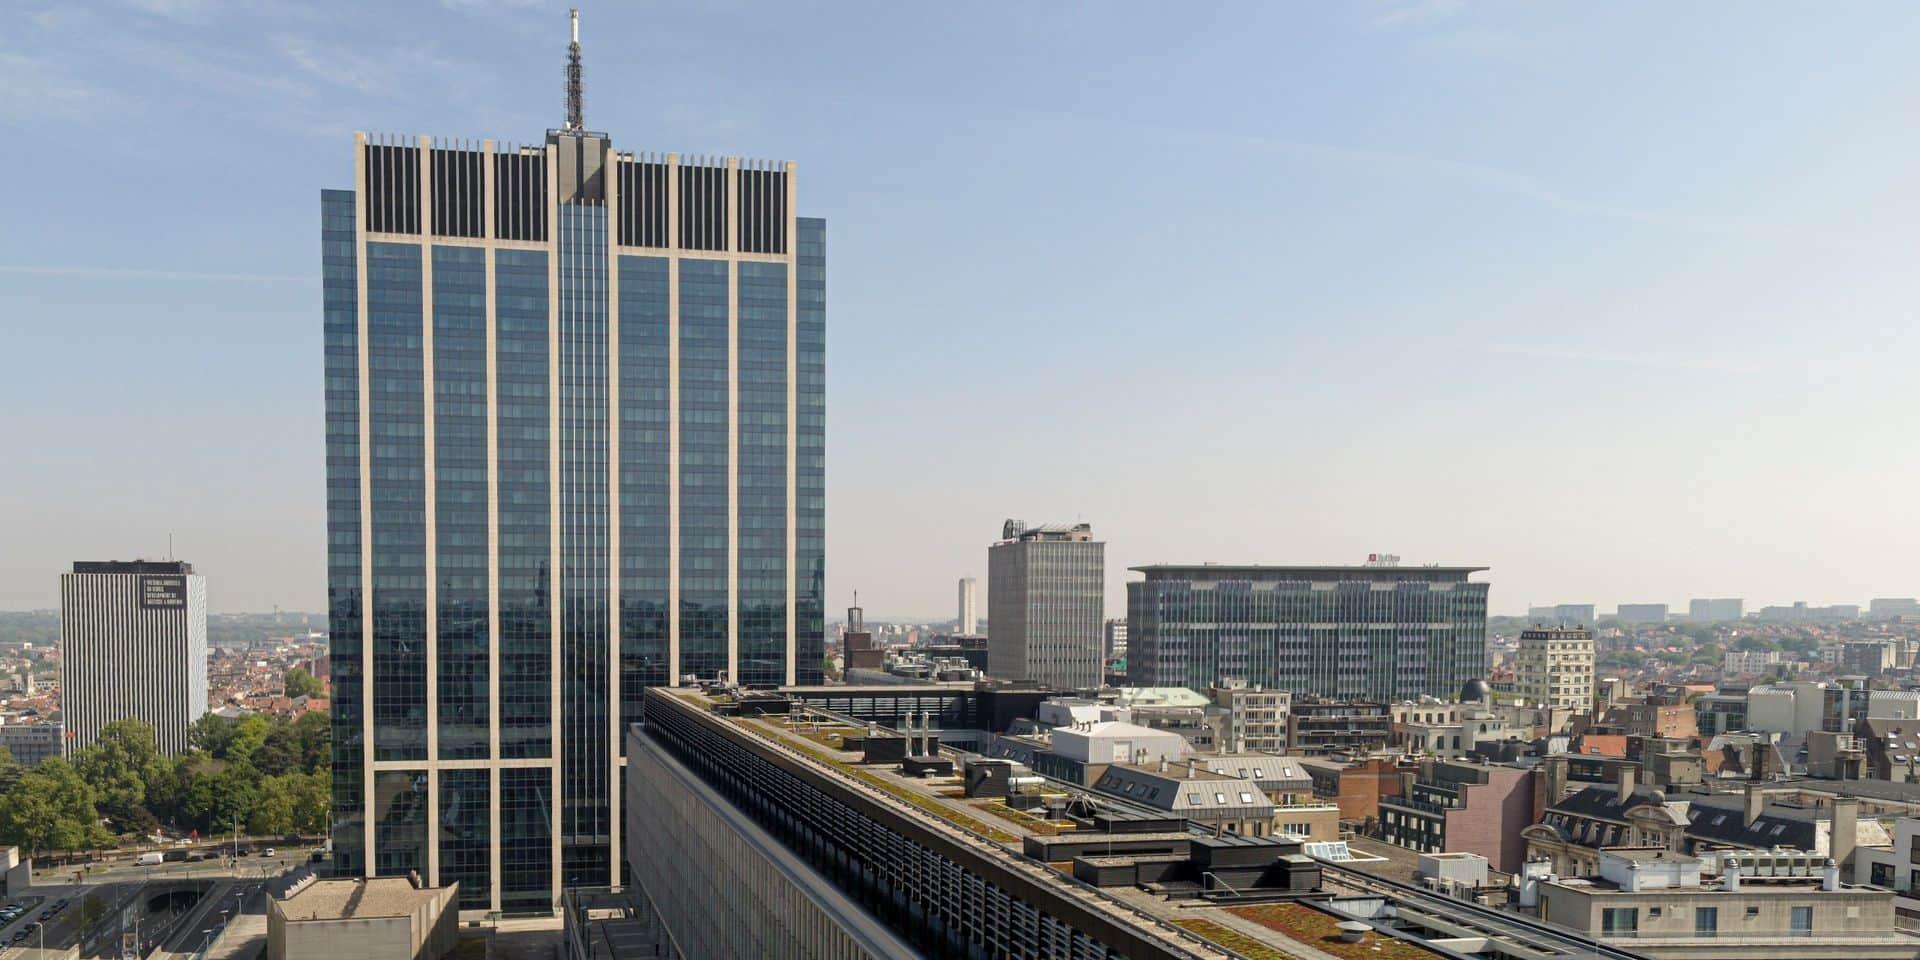 Prix et acheteurs... voici les tours bruxelloises rachetées par des investisseurs étrangers (MULTIMEDIA)